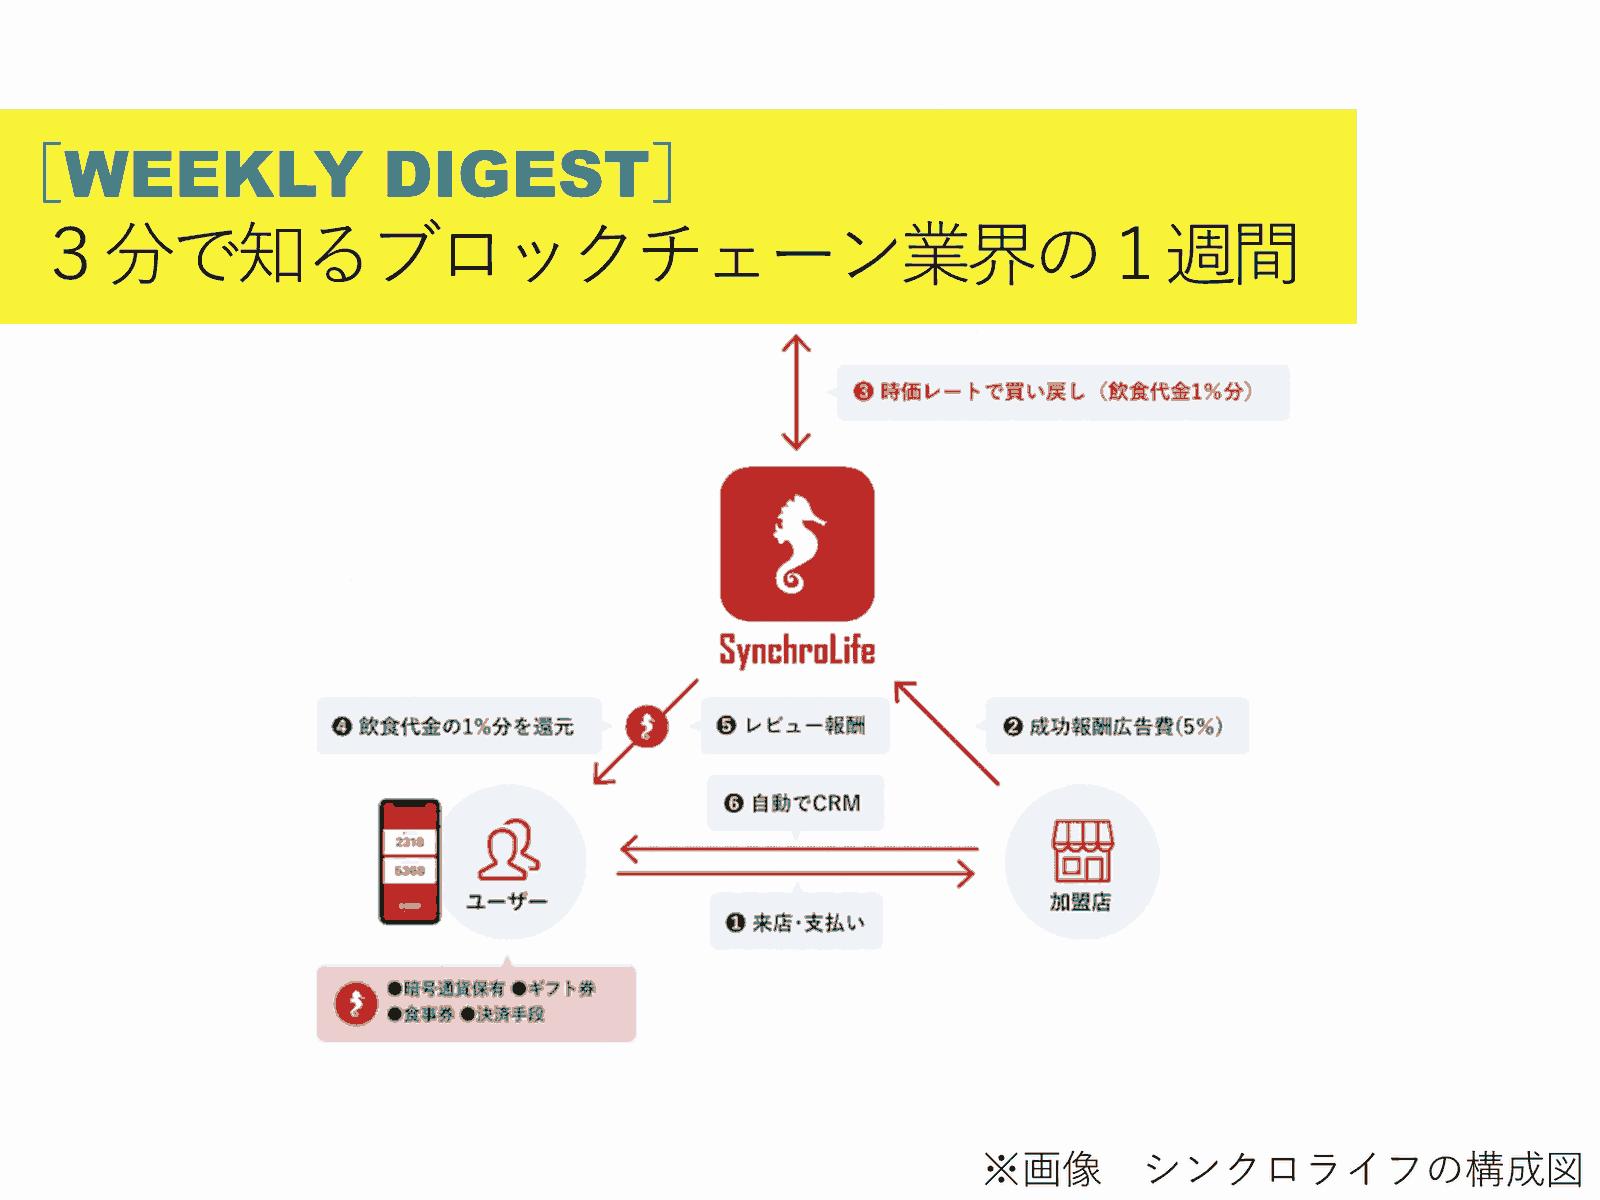 3分で知るブロックチェーン業界の1週間[7/1-7/7]丸紅とWePower提携/仮想通貨で食事代を還元/bitFlyerが口座開設再開/ほか